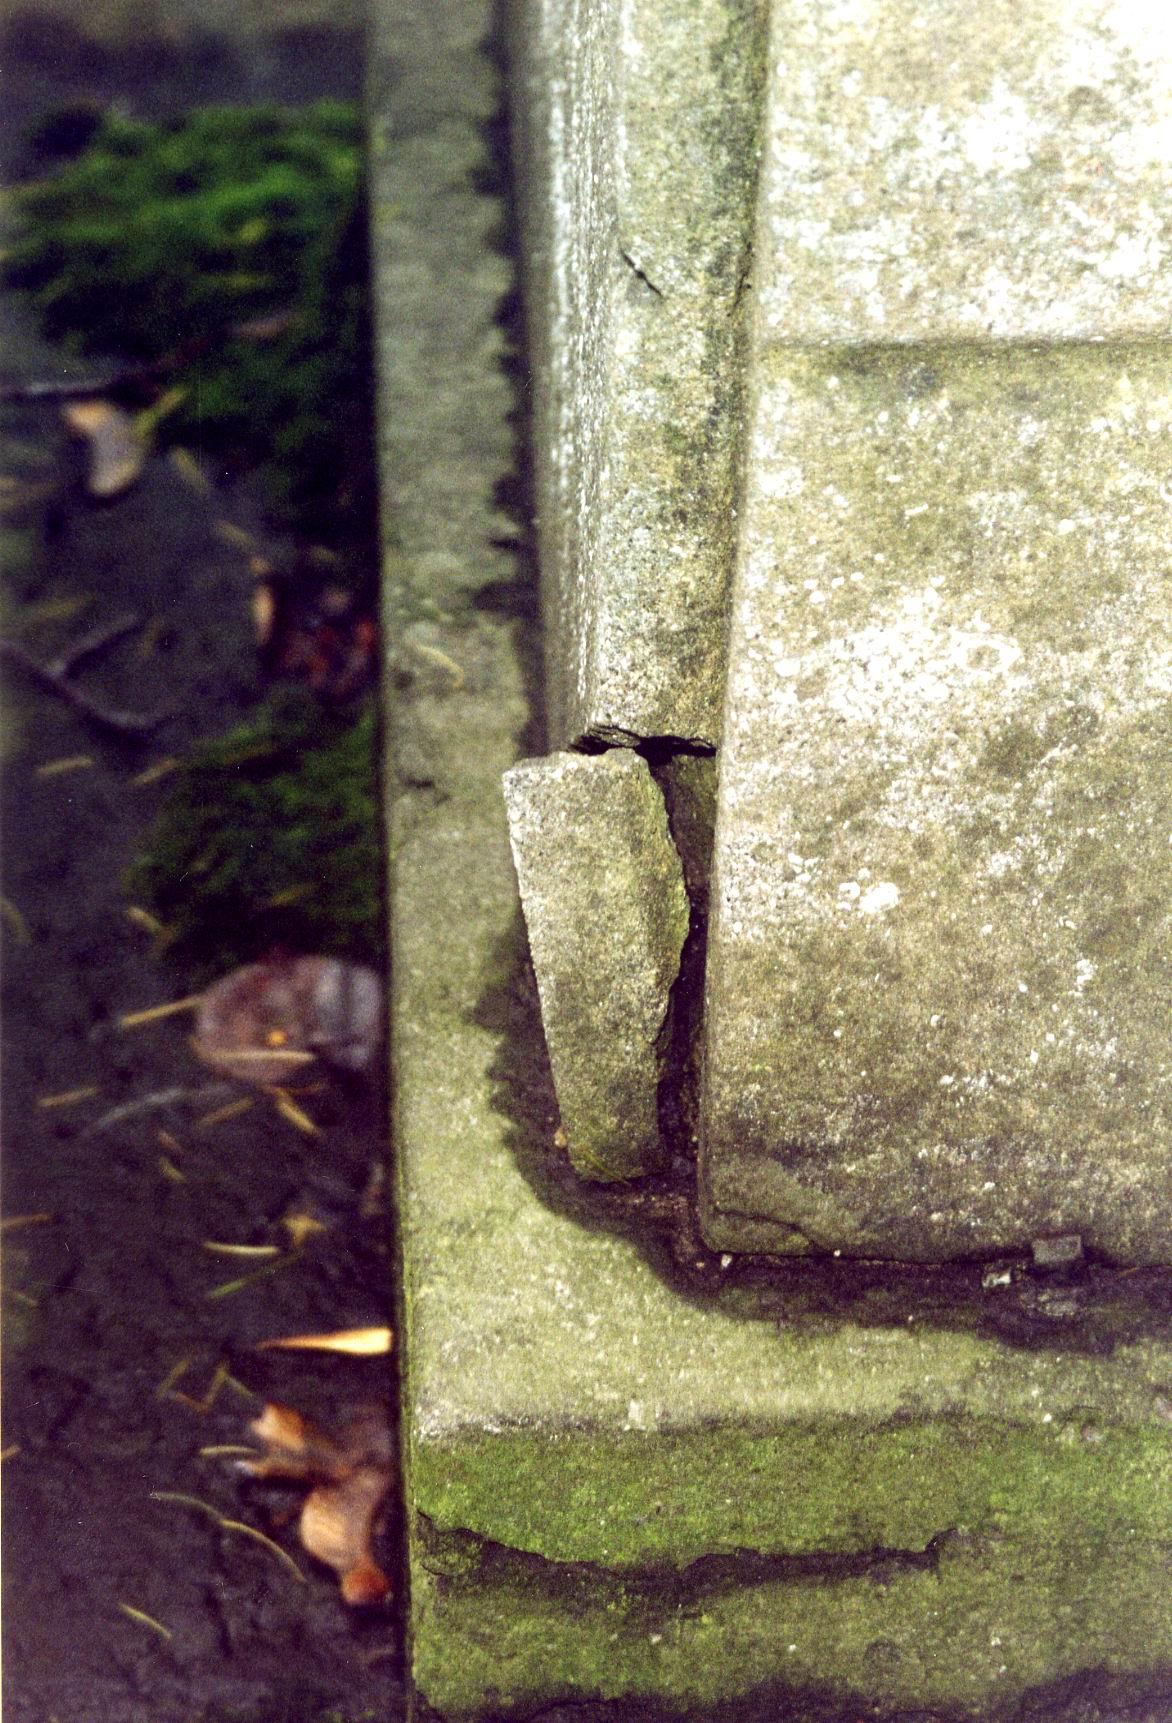 Фрагмент постамента из путиловского известняка. Видна трещина, приводящая к расколу г/п. Фото ноября 2003 г.